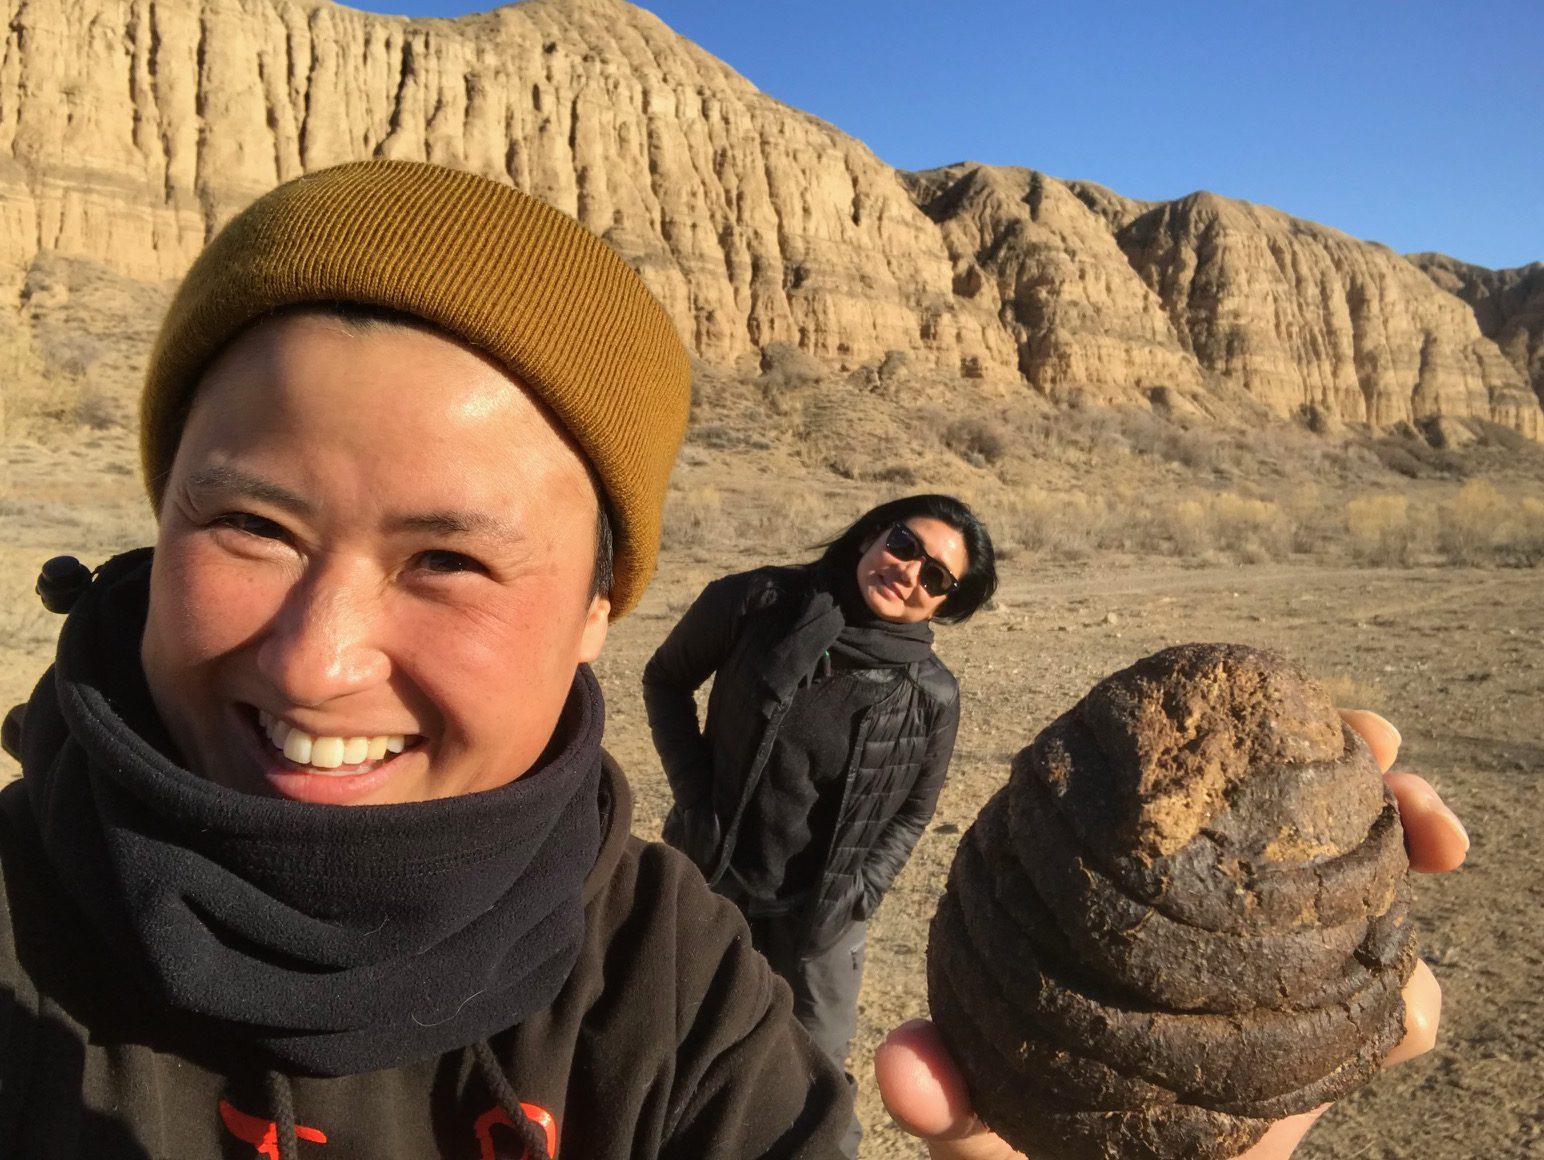 ルーツ探しの旅。突然ウズベキスタン方面へ。